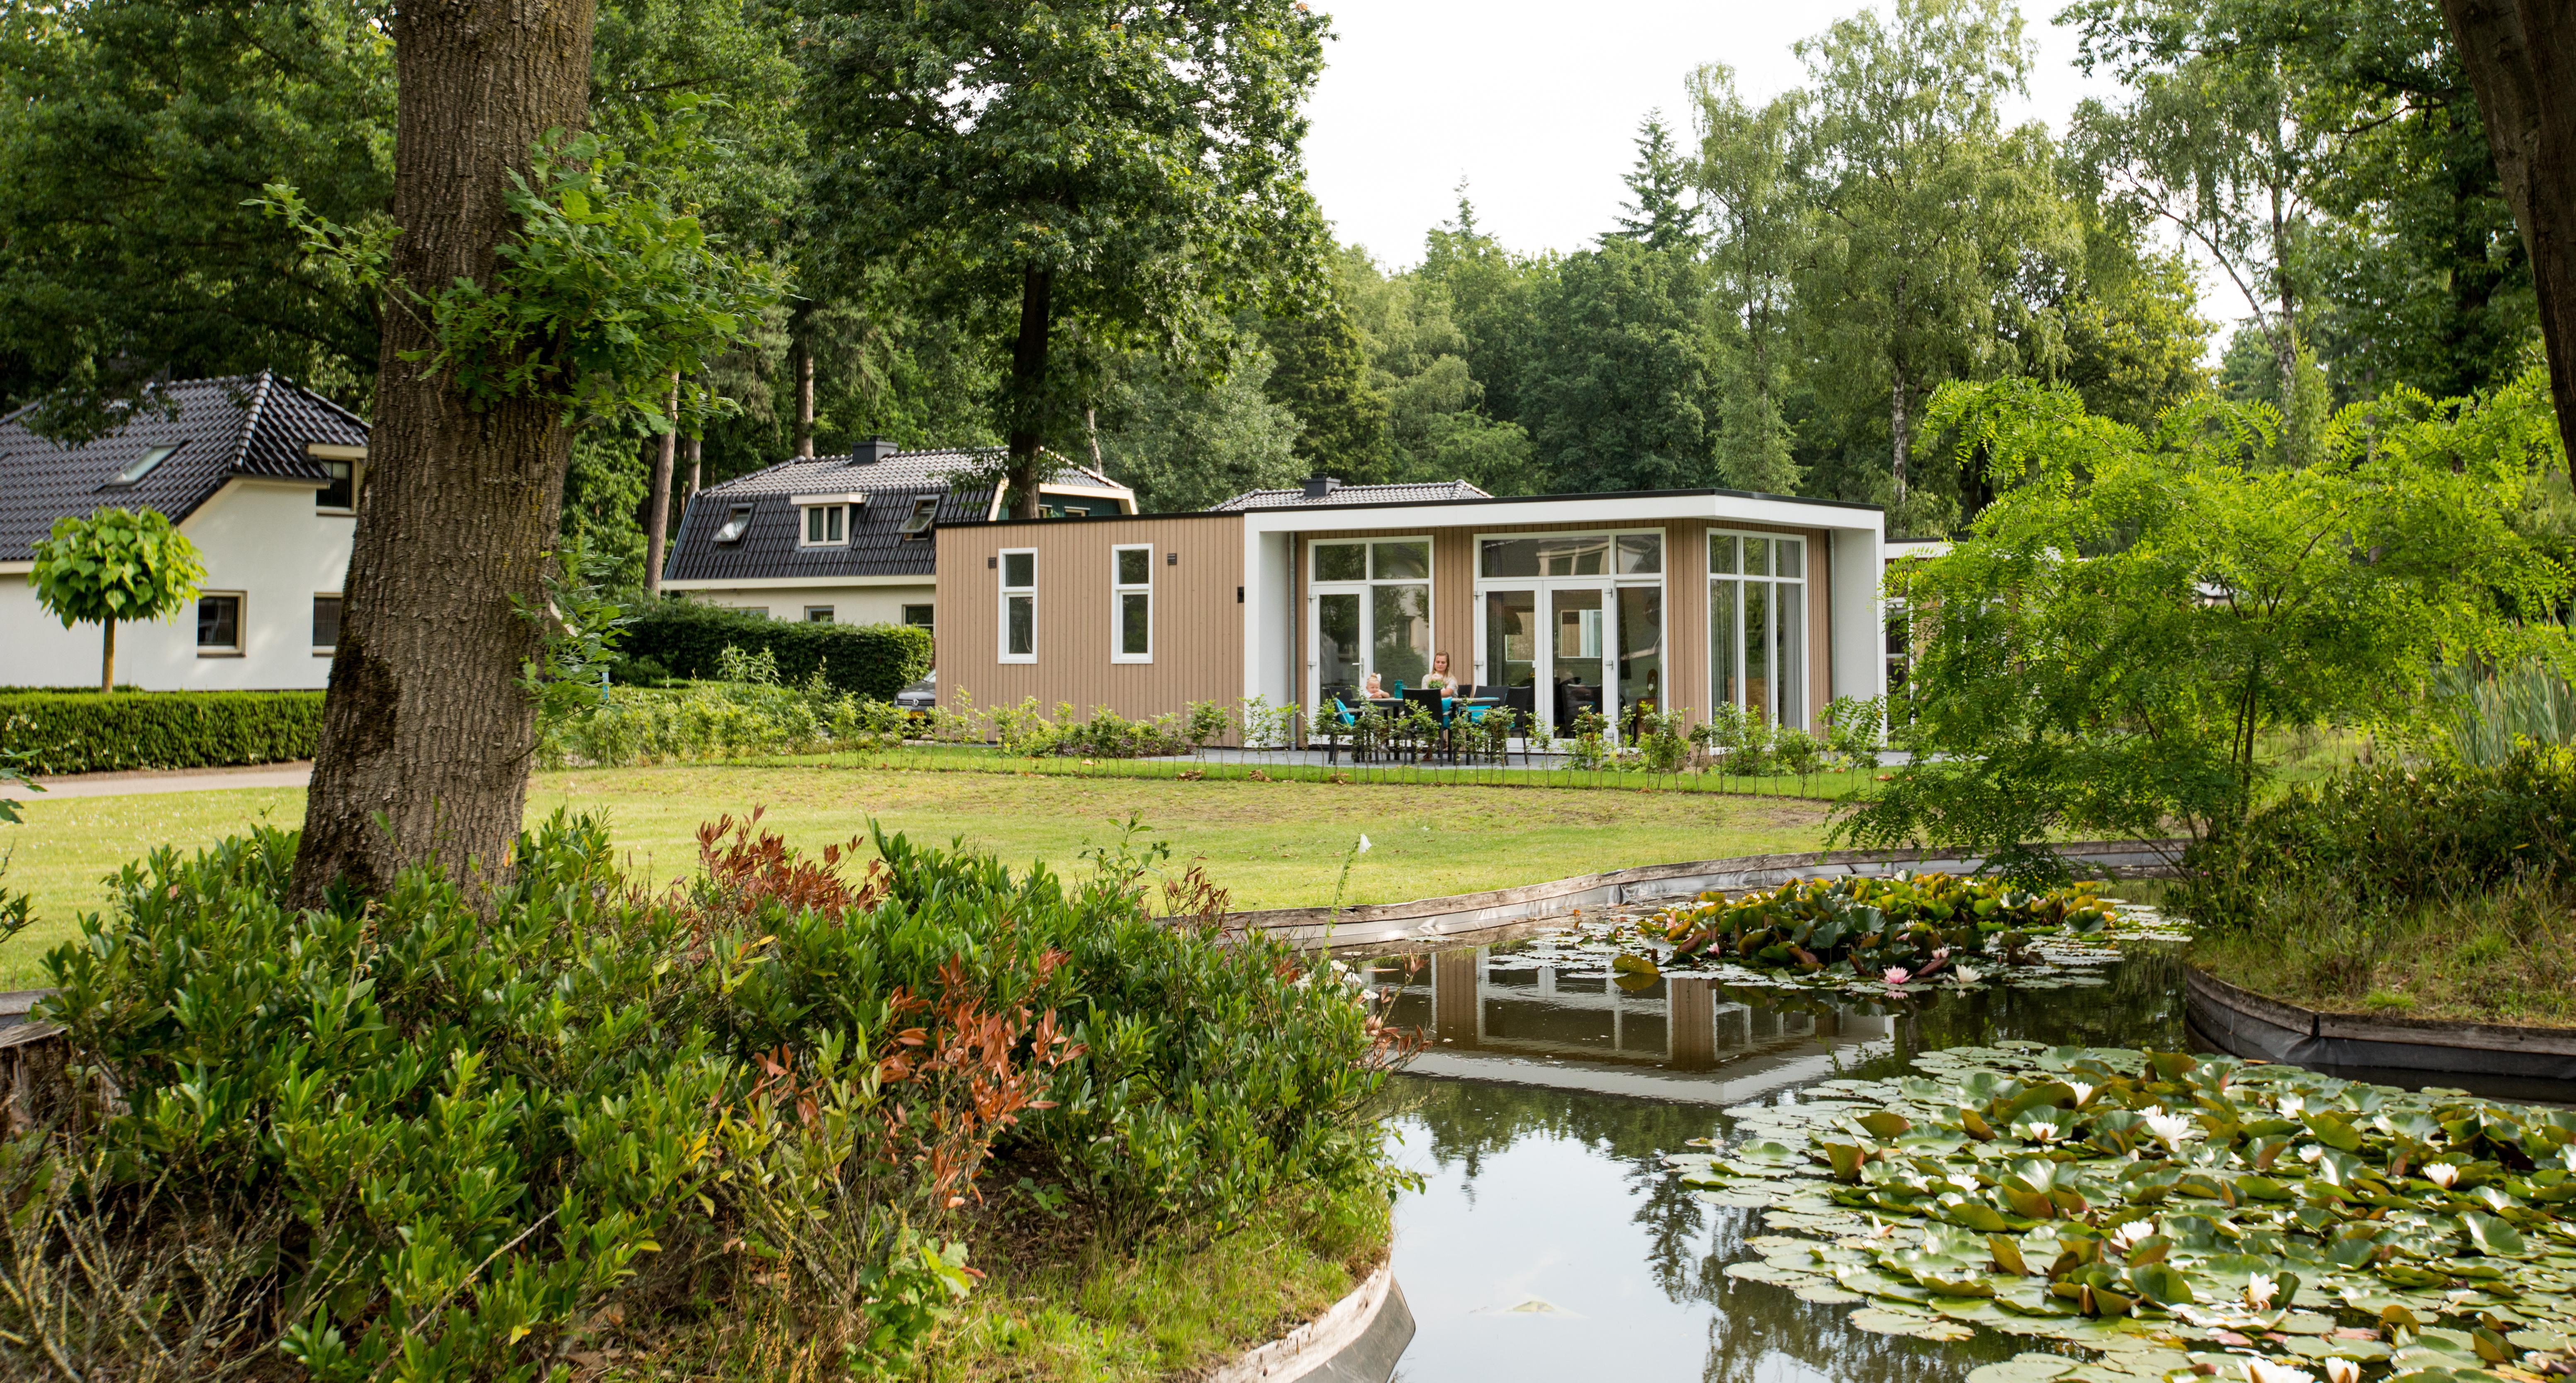 Ferienhaus für 5 Personen ca 48 m² in Ede Gelderland Veluwe